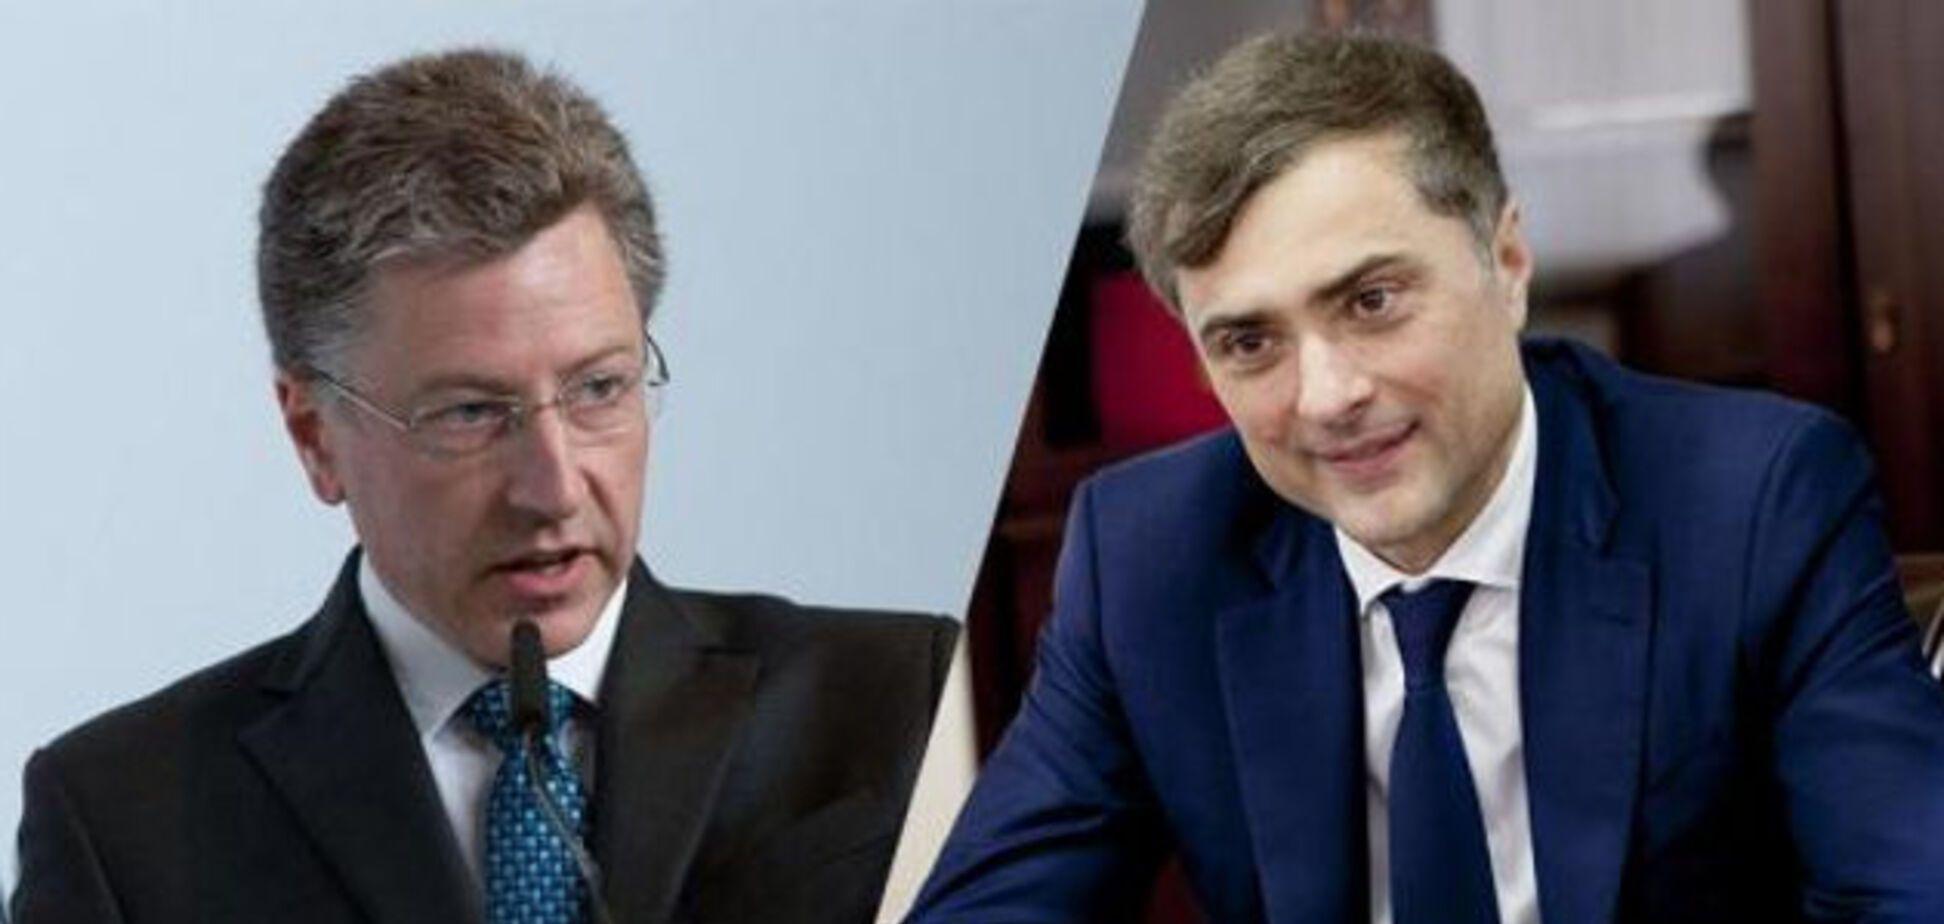 Говорили більше трьох годин: спливли деталі зустрічі Суркова і Волкера по Україні